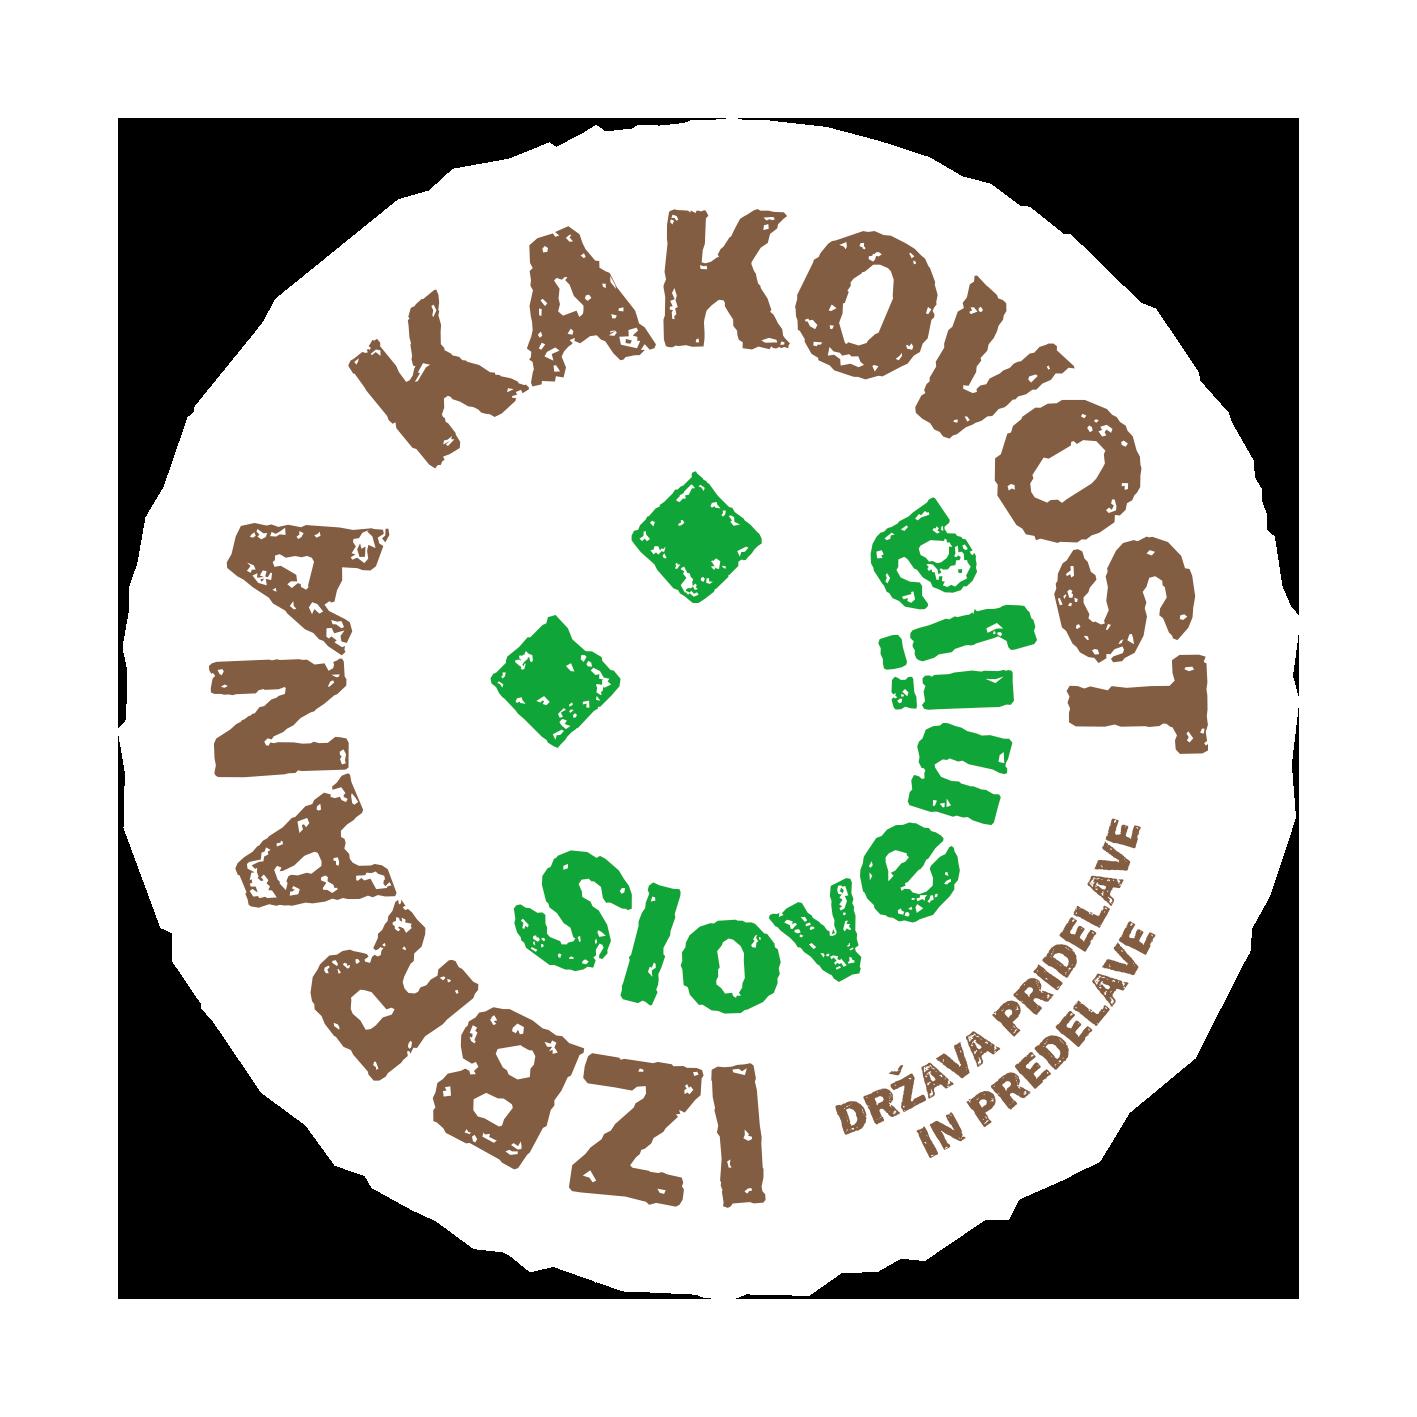 Logotipi izbrana kakovost Slovenije